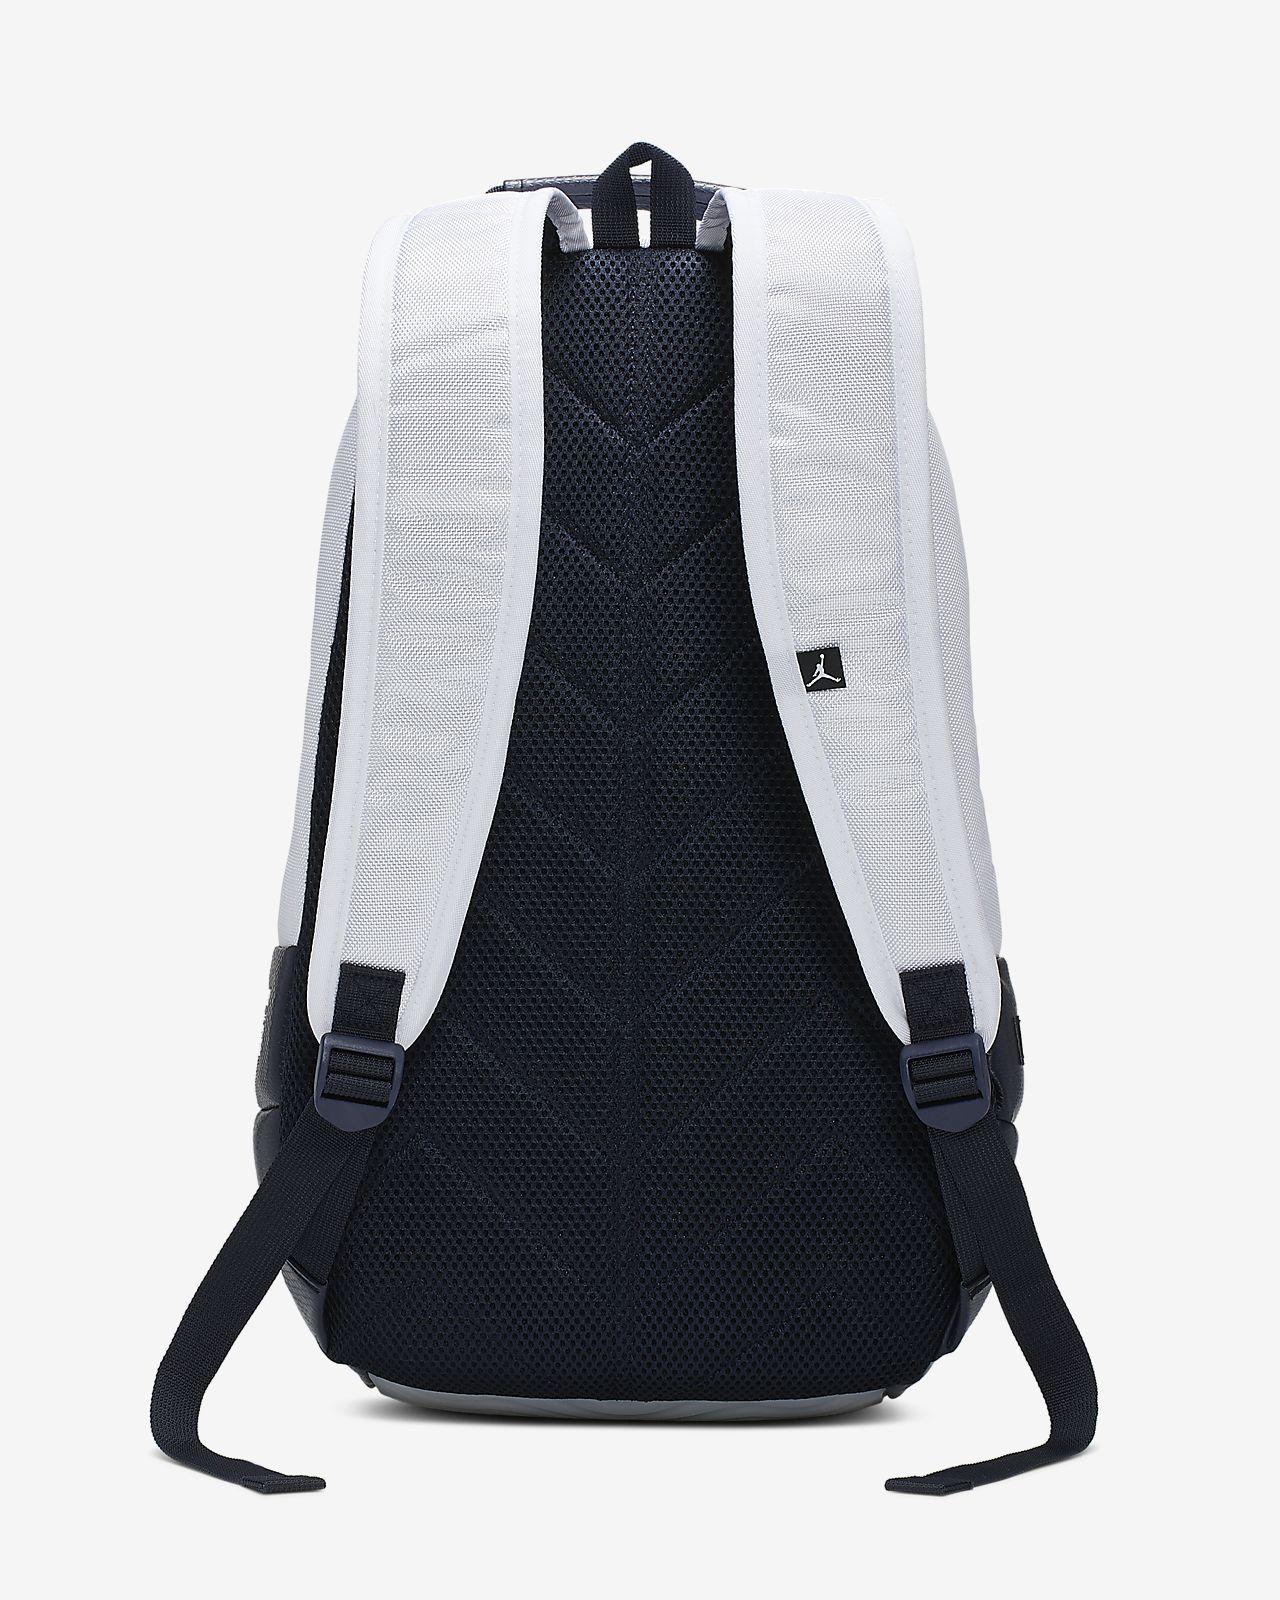 f1f8d8ea4610 Low Resolution Jordan Retro 11 Backpack Jordan Retro 11 Backpack